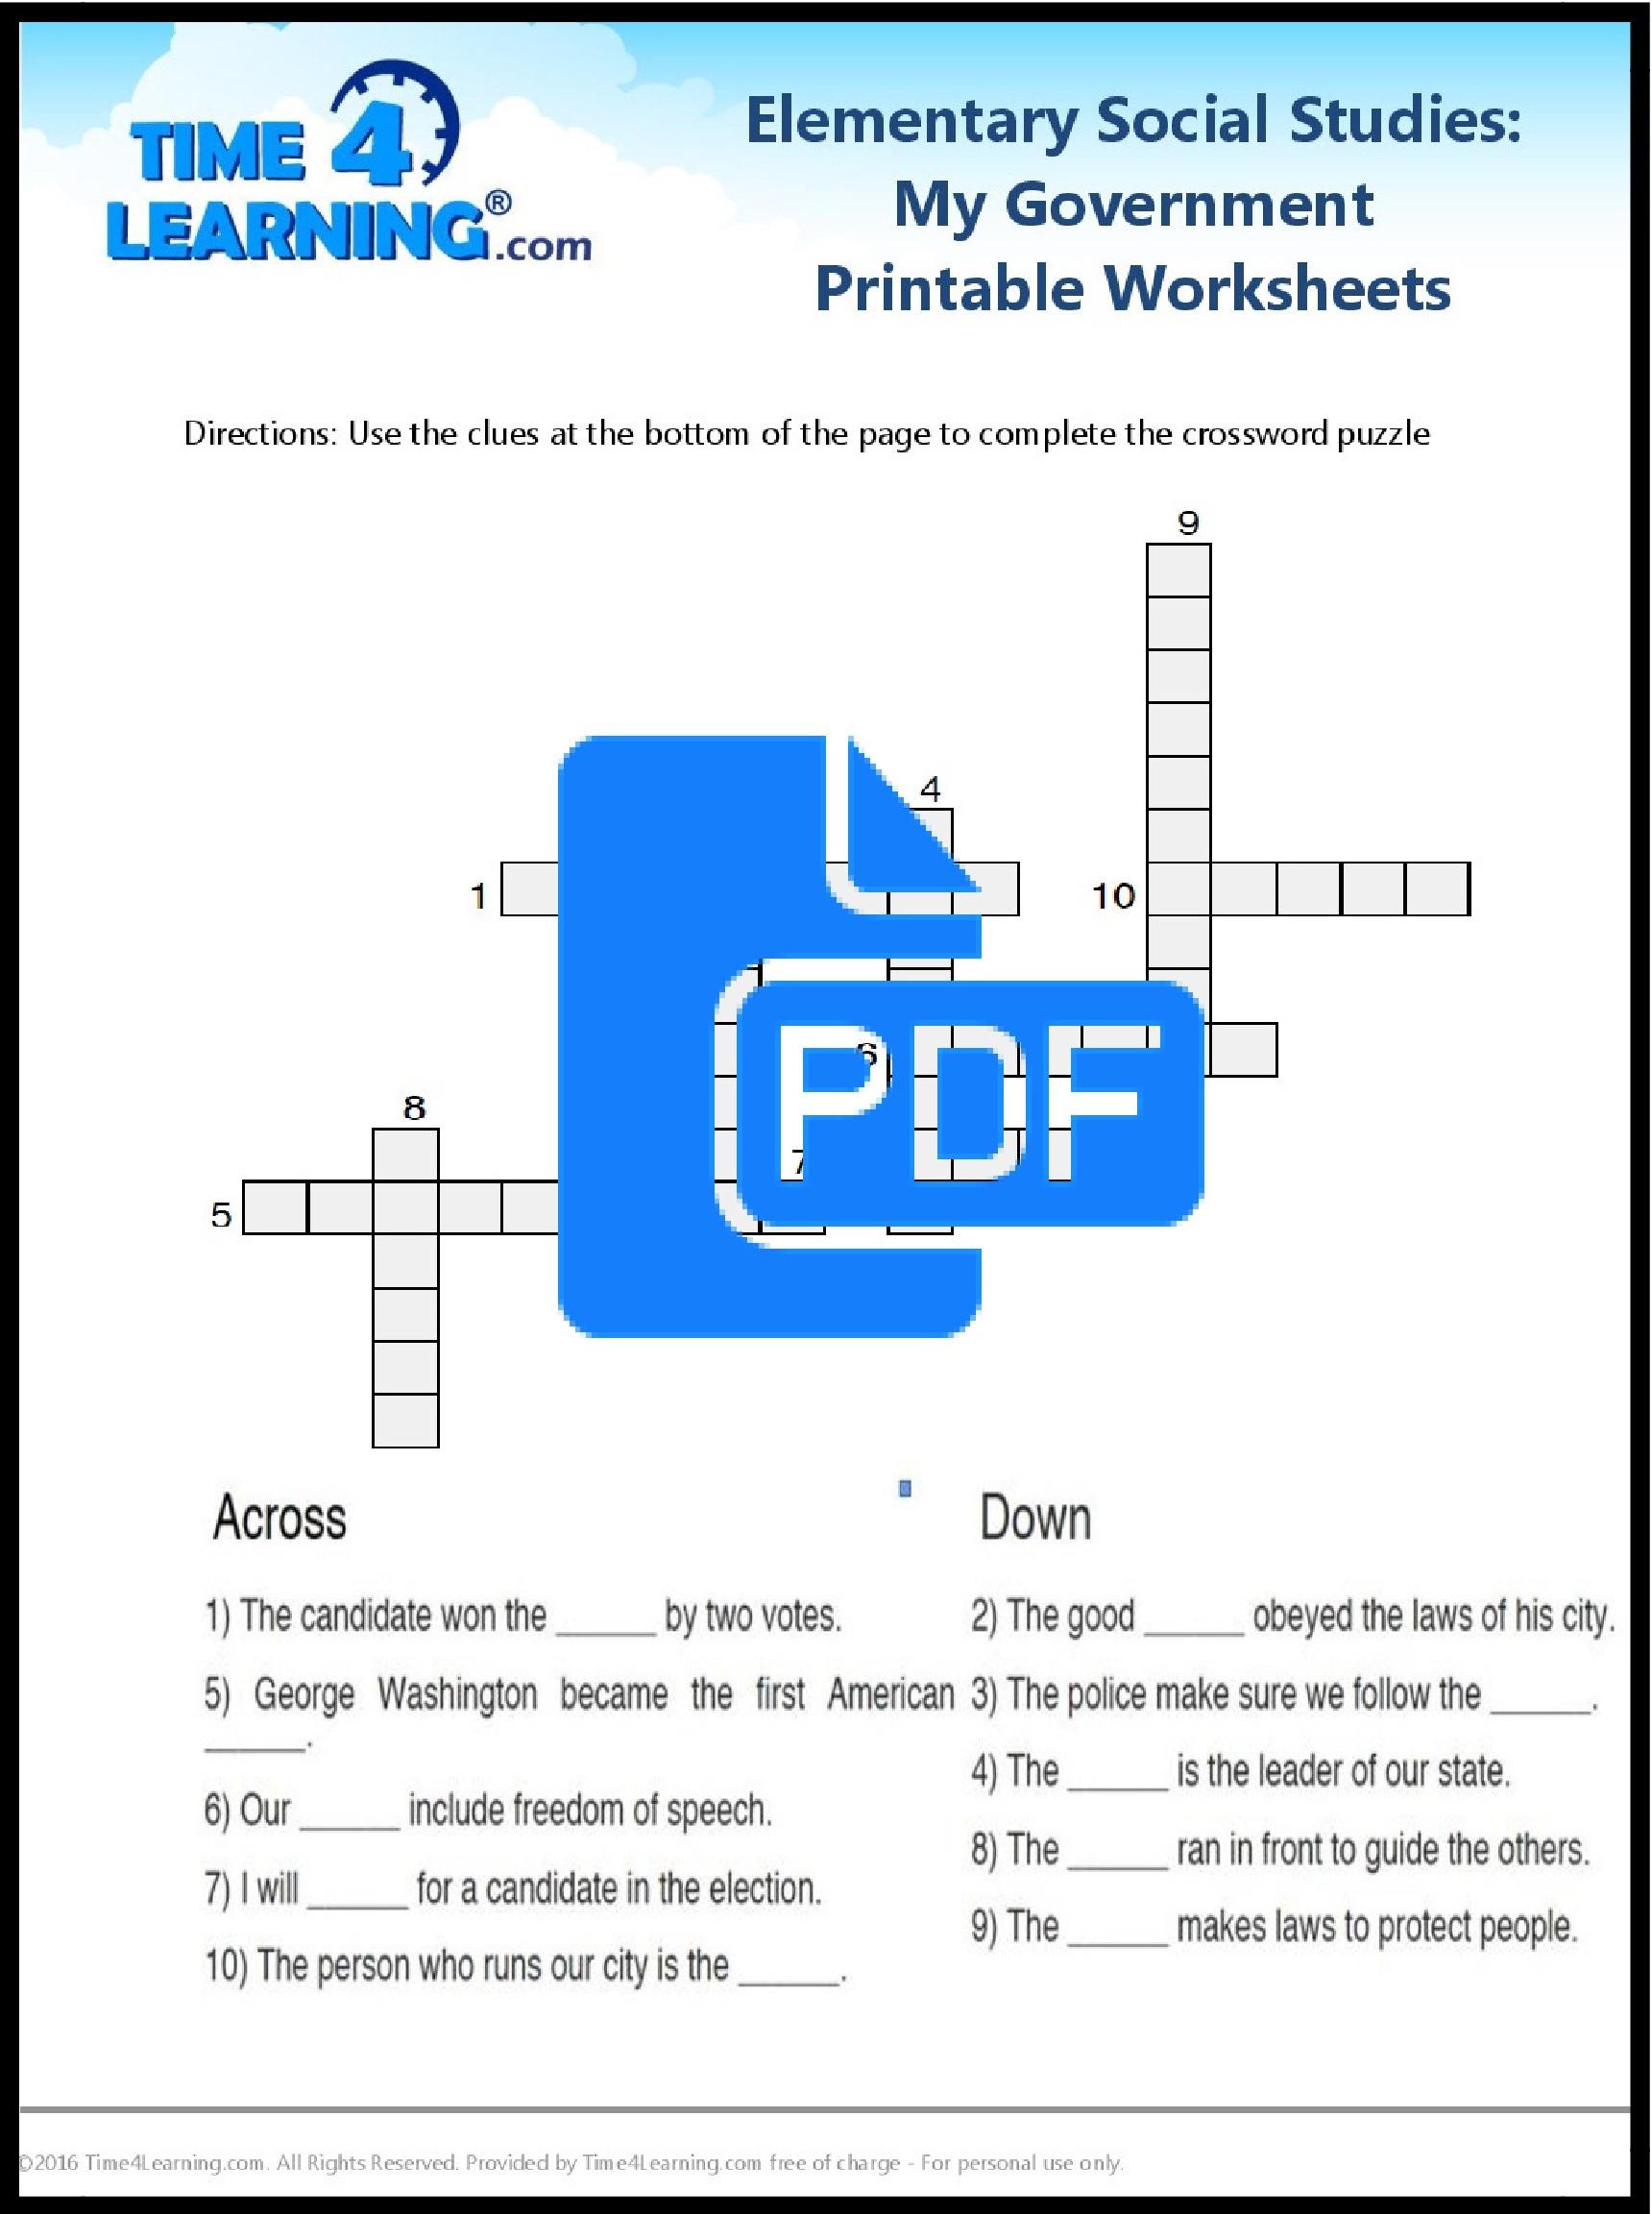 Social Studies Worksheets 8th Grade Free Printable Elementary social Stu S Worksheet